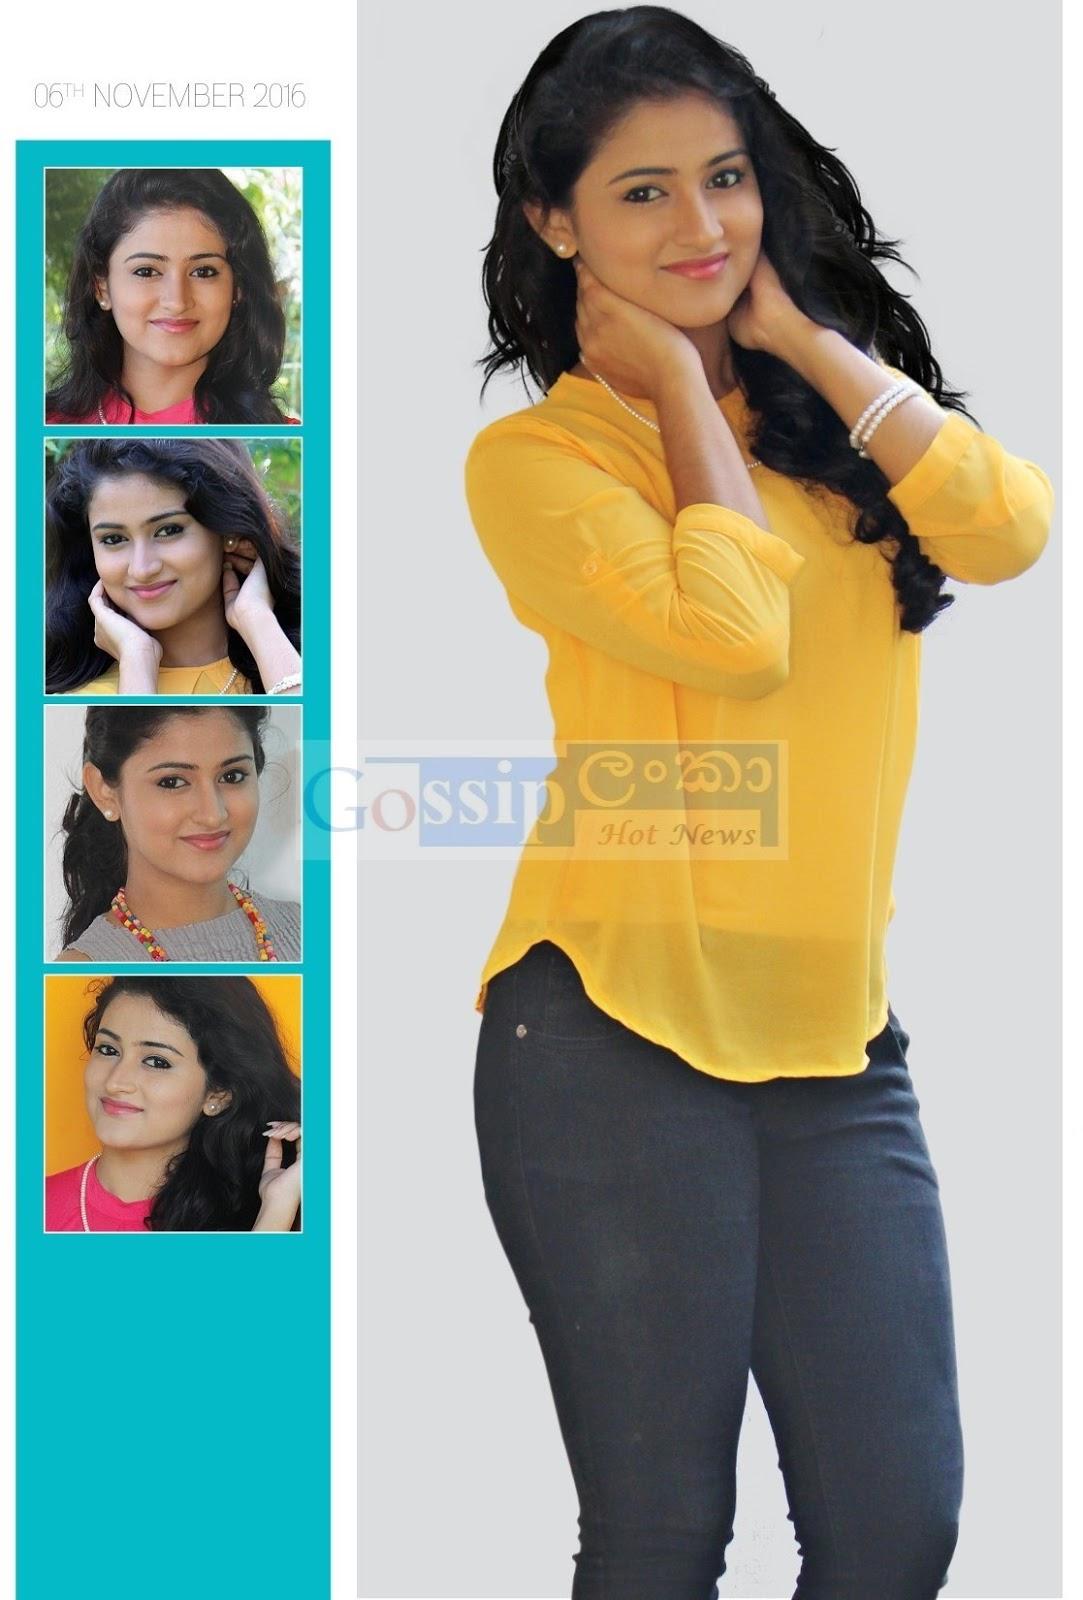 Boysලා මං දිහා බලනවා - Gossip Chat with Maneesha Chanchala